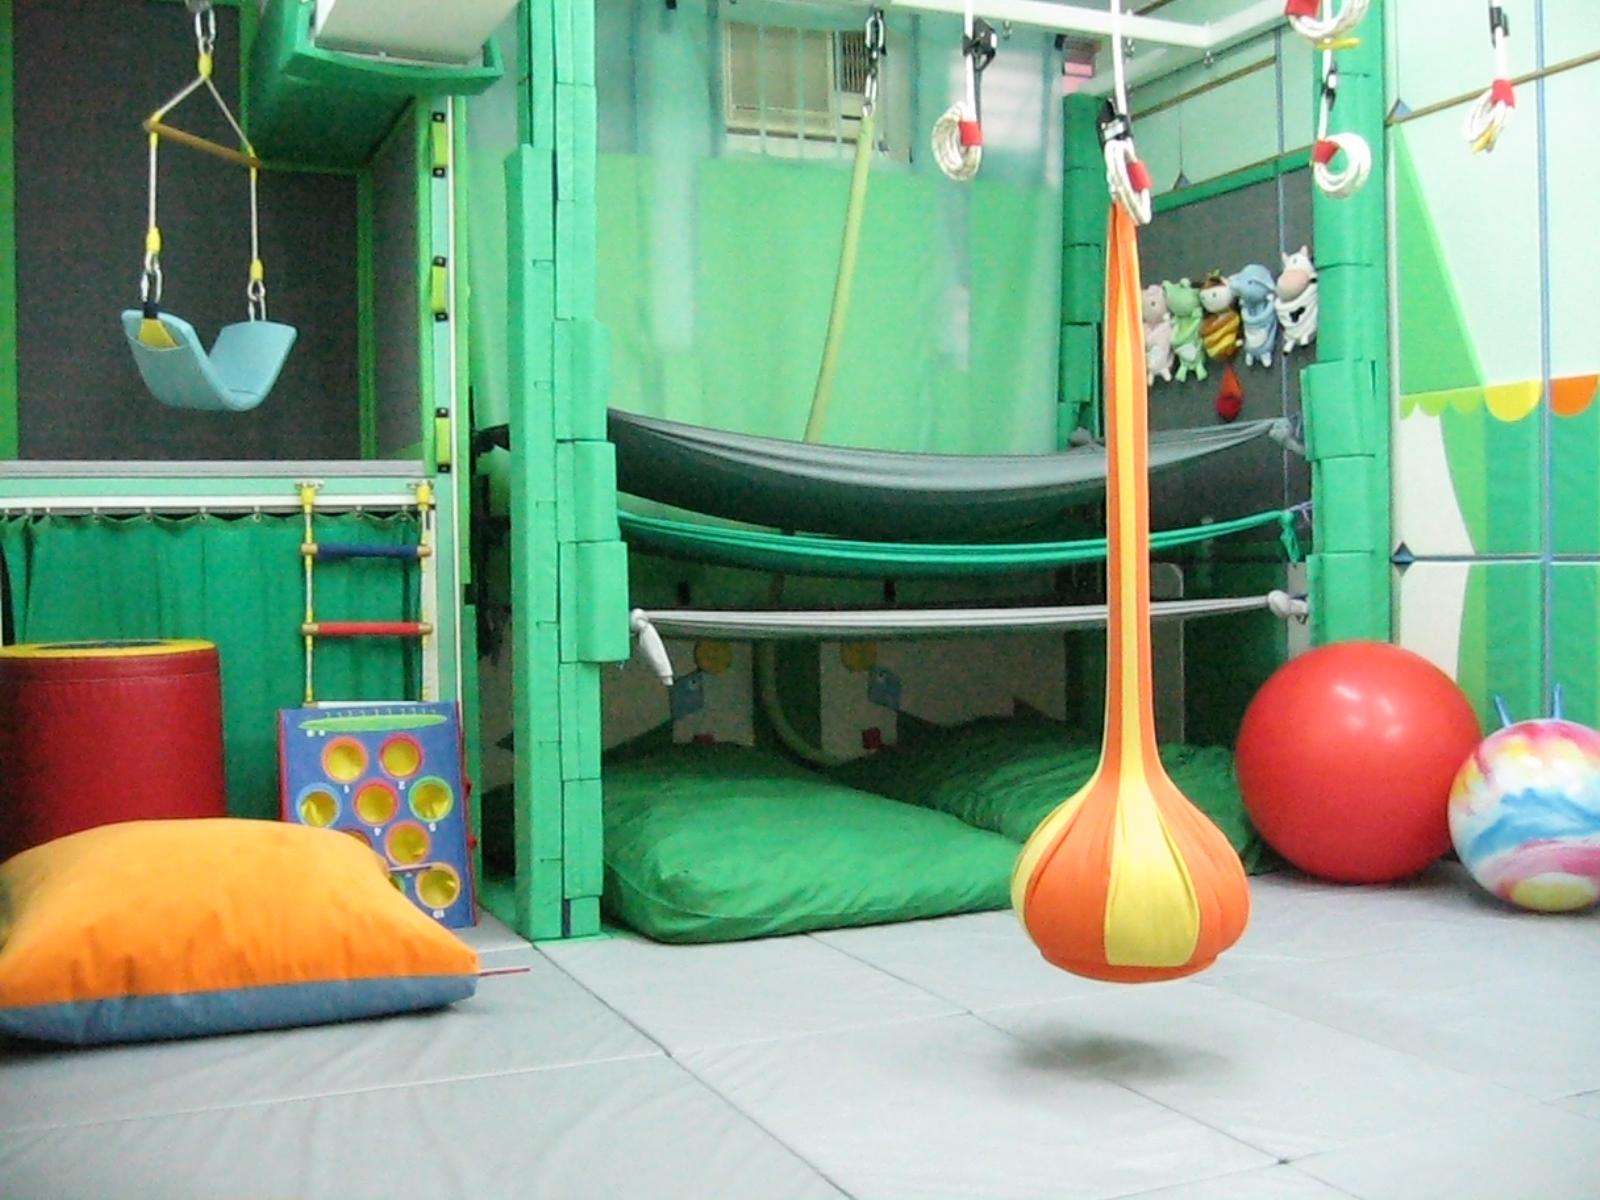 感覺統合室:幼兒可在此計安全的訓練室內,配合不同的感統治療儀器/用具,鍛鍊出更理想的專注力、手眼協調、動作計劃、視覺認知、姿勢控制等能力。